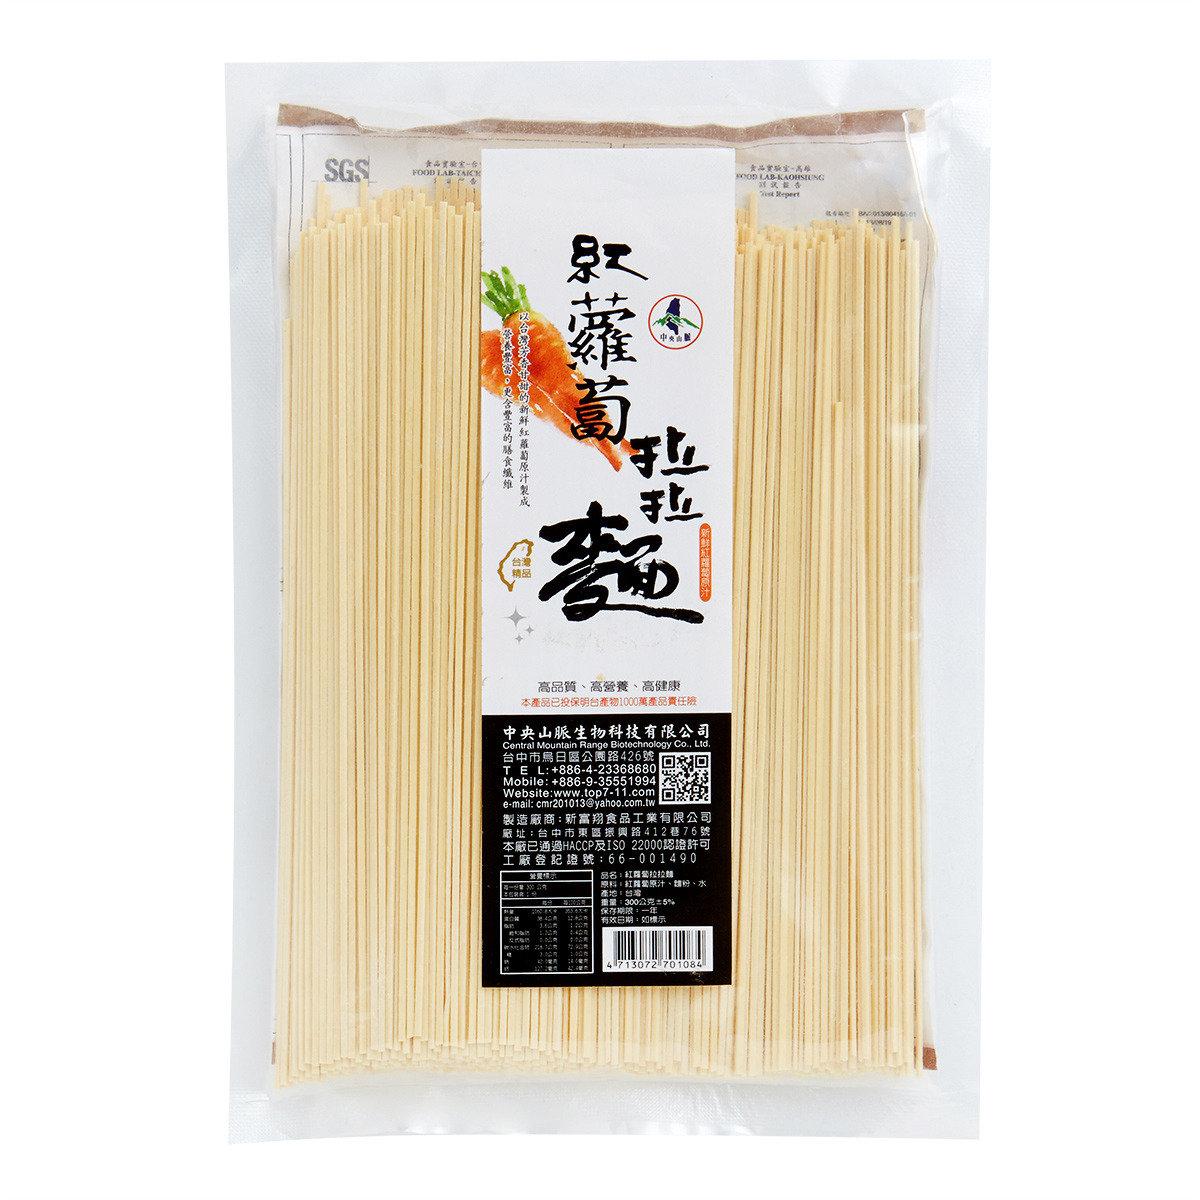 紅蘿蔔拉拉麵 (賞味期限: 2016年10月28日)